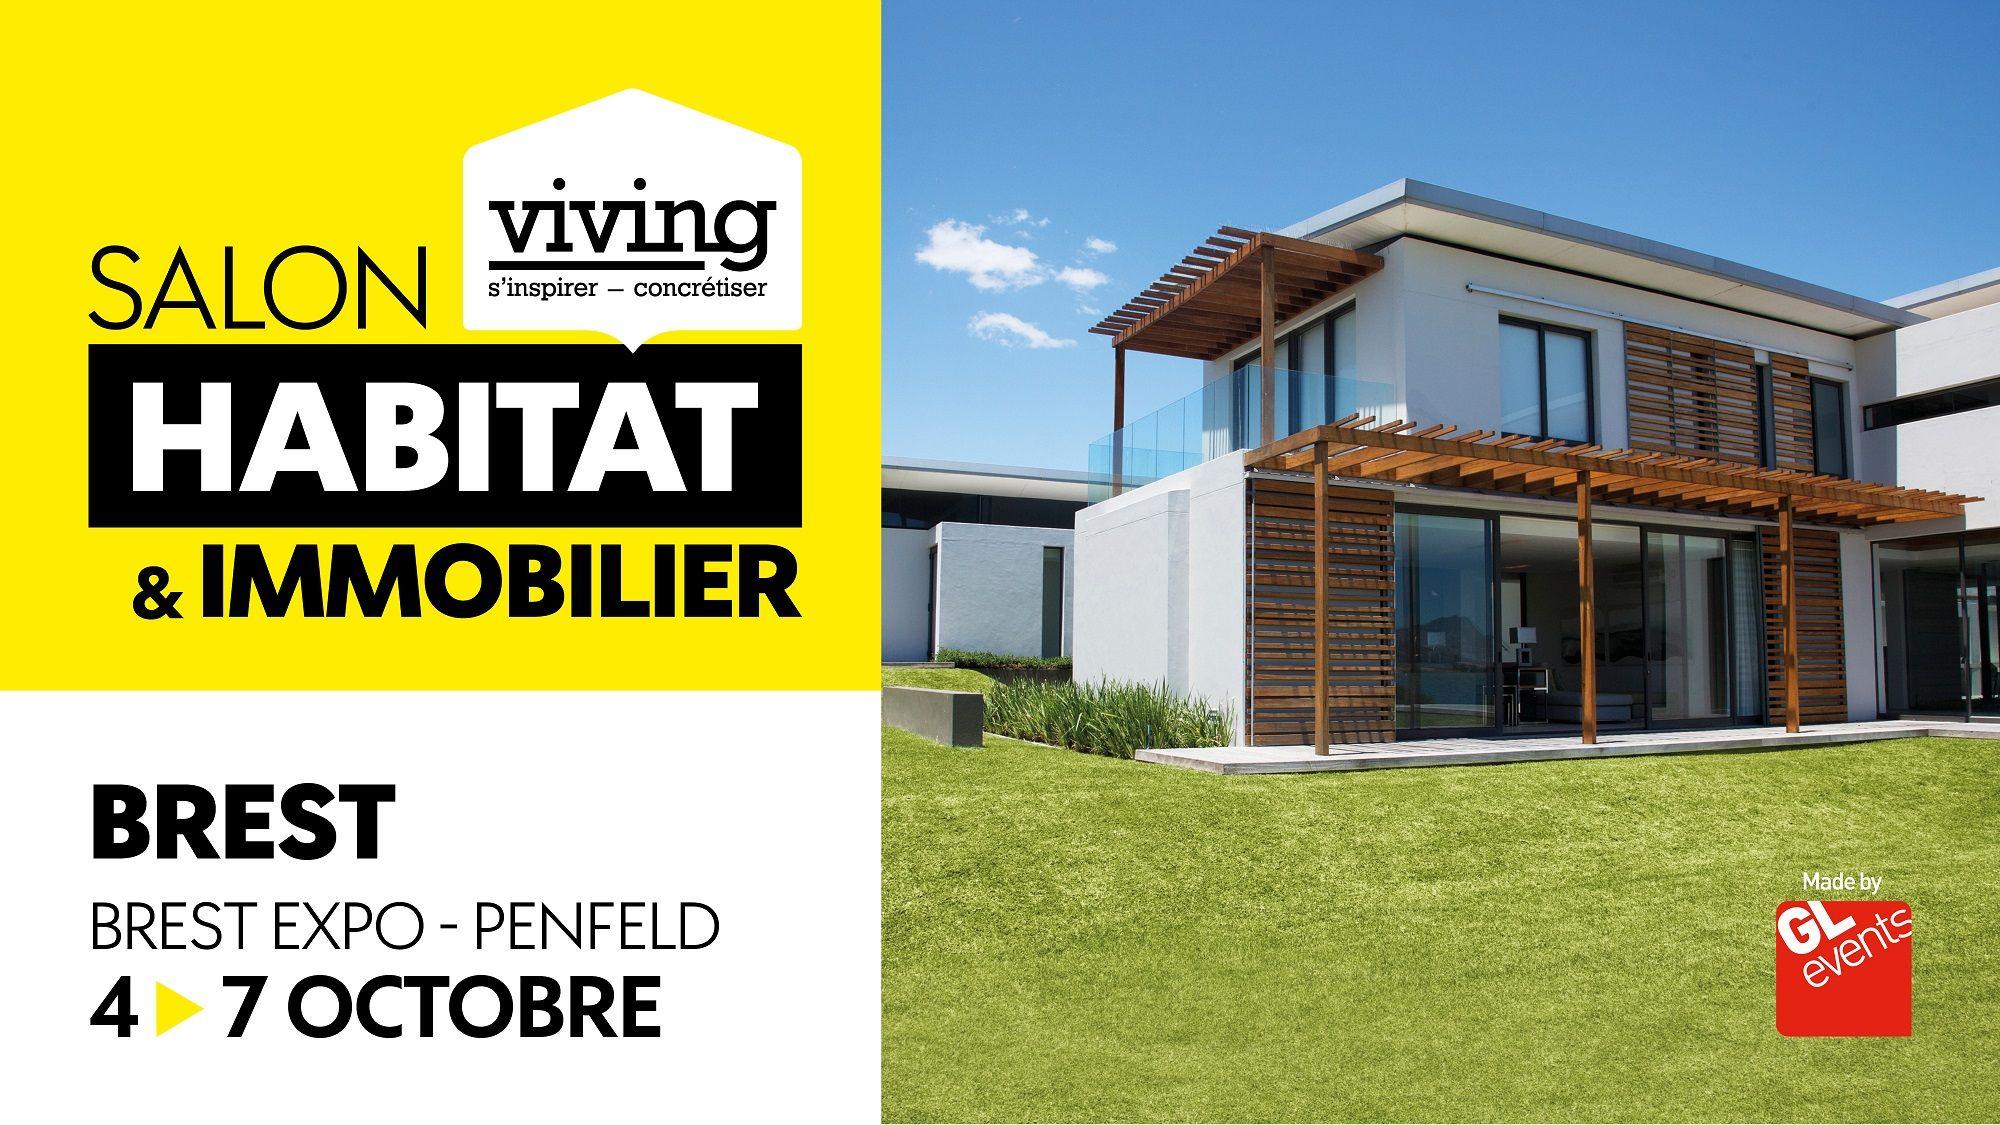 Epingle Par Salon Habitat Immobilier Viv Sur Brest Habitat Amenagement Exterieur Quimper